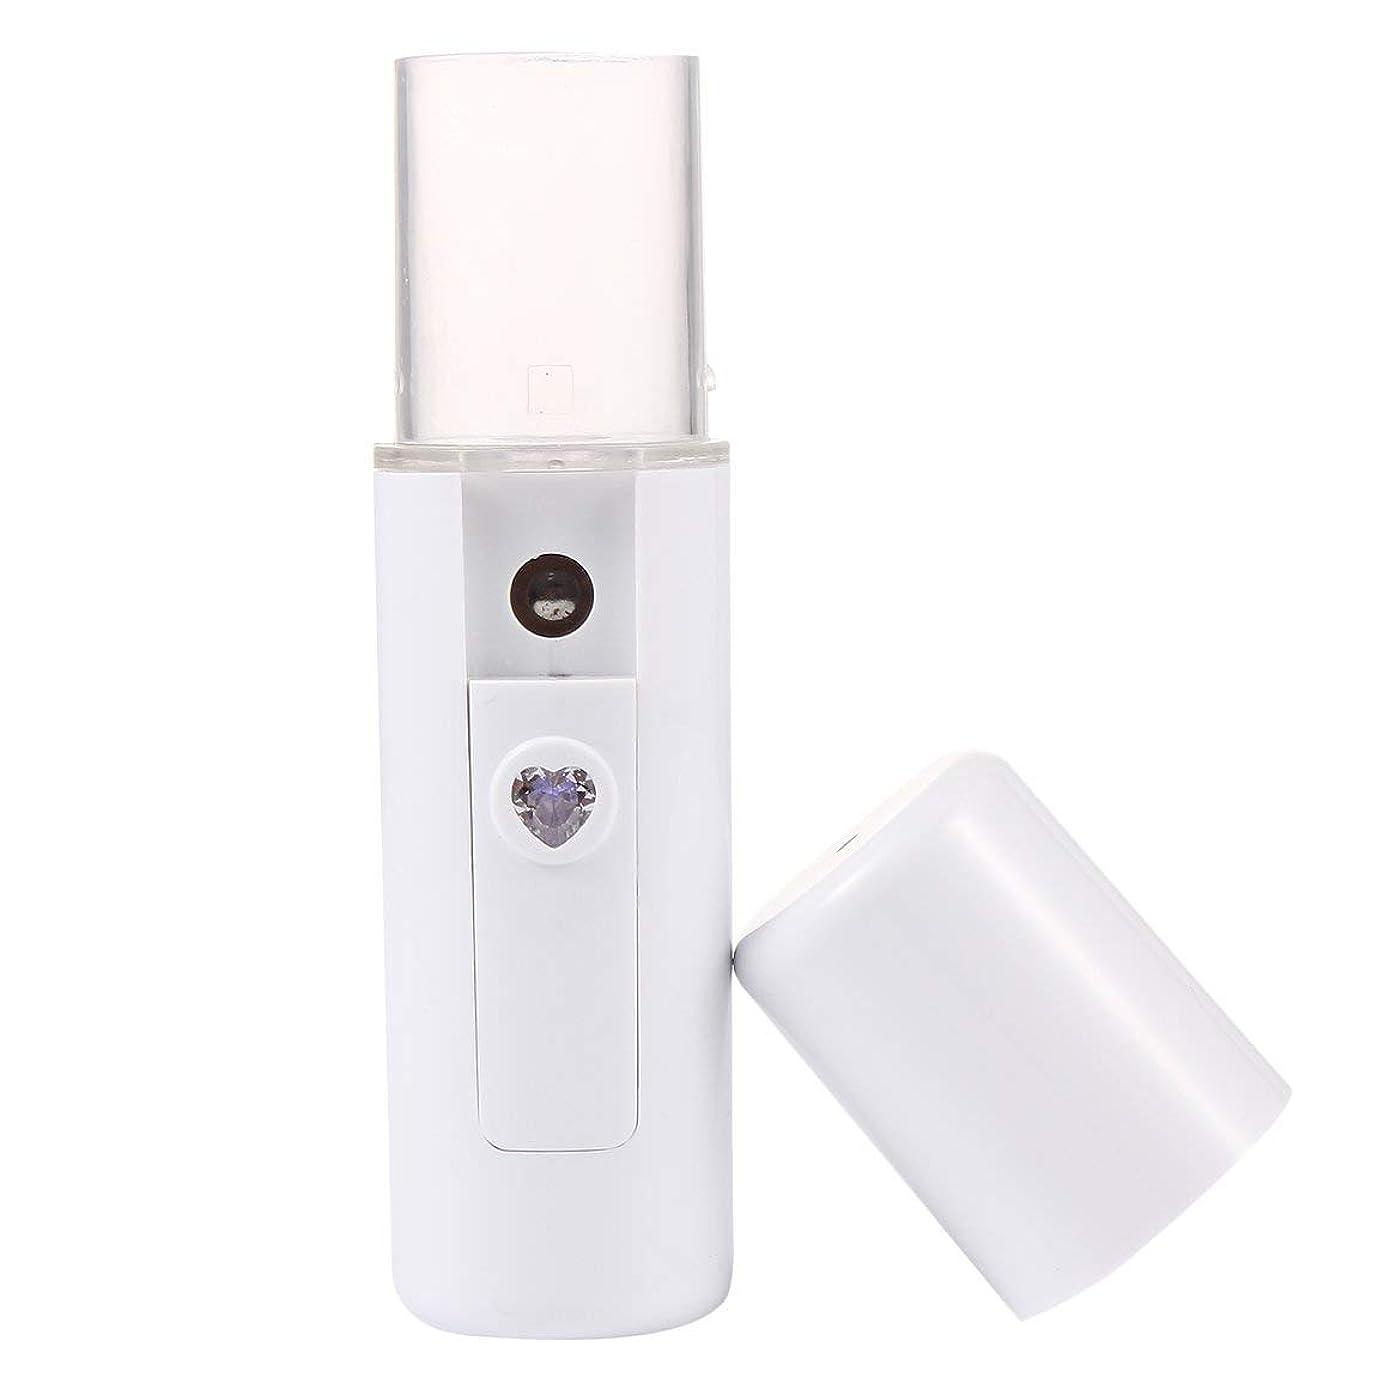 教授晩ごはん収まるL3 USB充電式ウォータースプレーポータブルフェイシャルモイスチャライジング美容機器フェイシャルスプレーマシン蒸し装置 - ホワイト